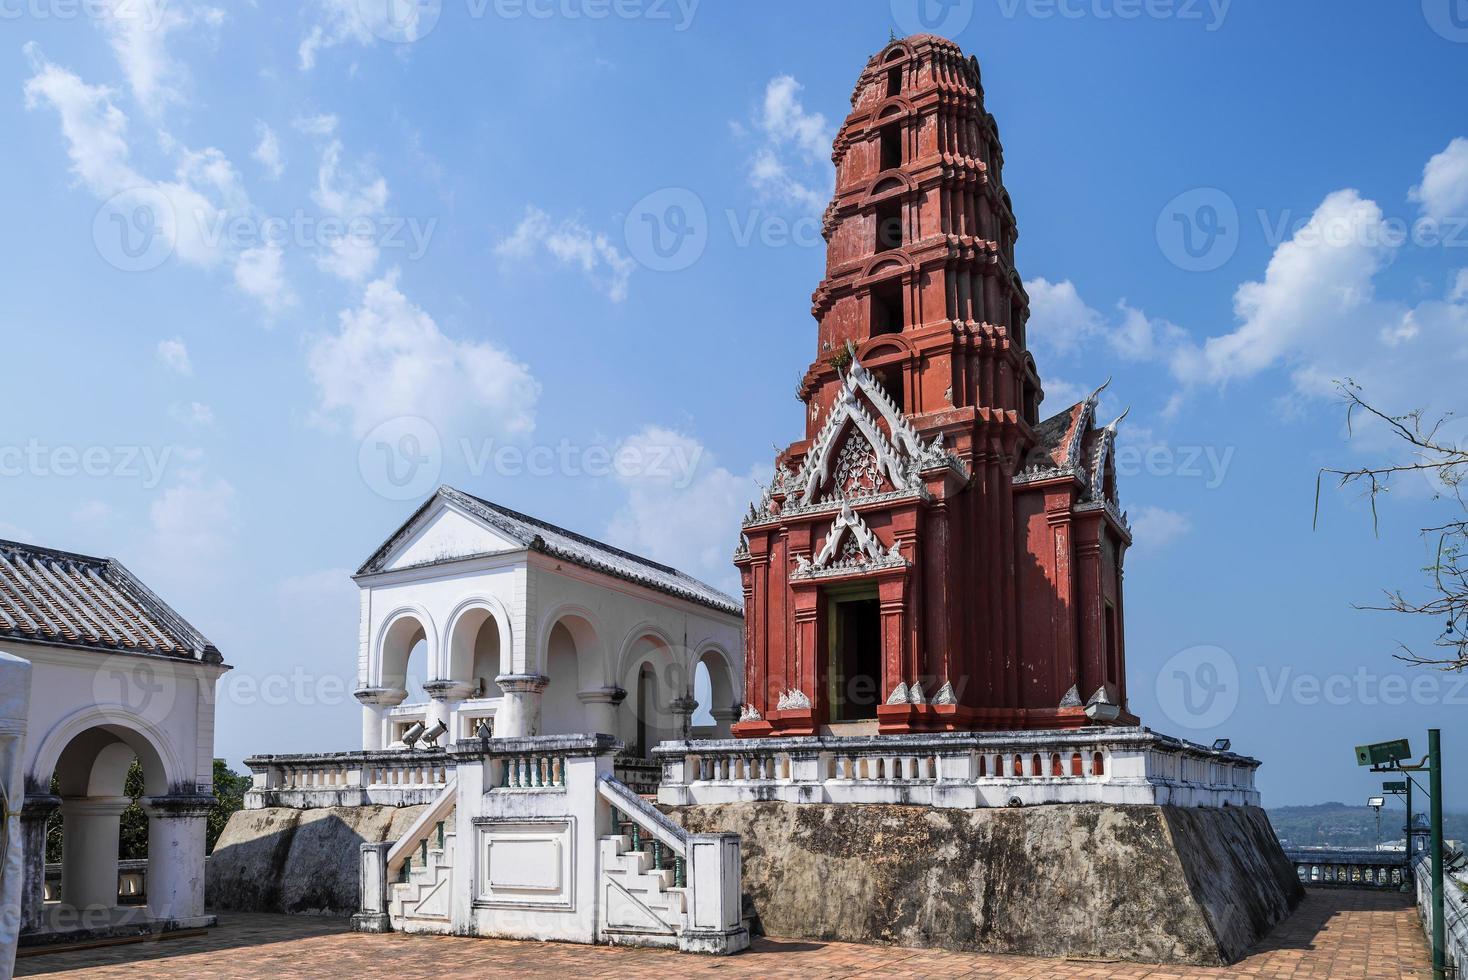 vecchio palazzo reale tailandese nella provincia di phetchaburi, Tailandia foto